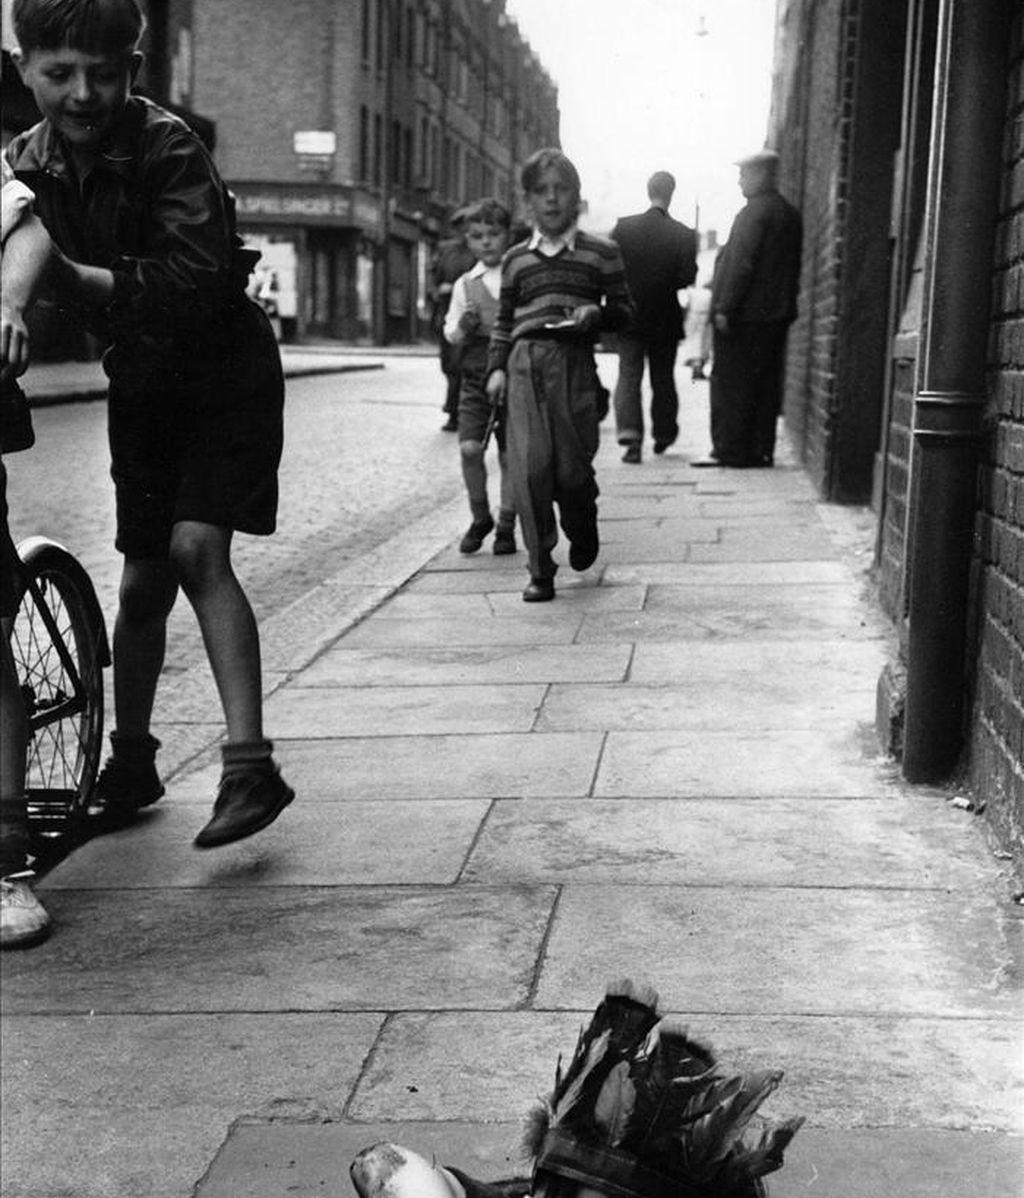 """Fotografía facilitada por la Getty Images Gallery de Londres de la obra de Thurston Hopkins """"Un niño juega en la calle metido en el agujero de un depósito de carbón"""", una de las imágenes que se pueden ver en la exposición que organiza esta galería que ordena su memoria de la Europa de los años cincuenta, que comprende desde escenas de la vida cotidiana en los suburbios hasta imágenes memorables de estrellas de cine. EFE/ Thurston Hopkins"""